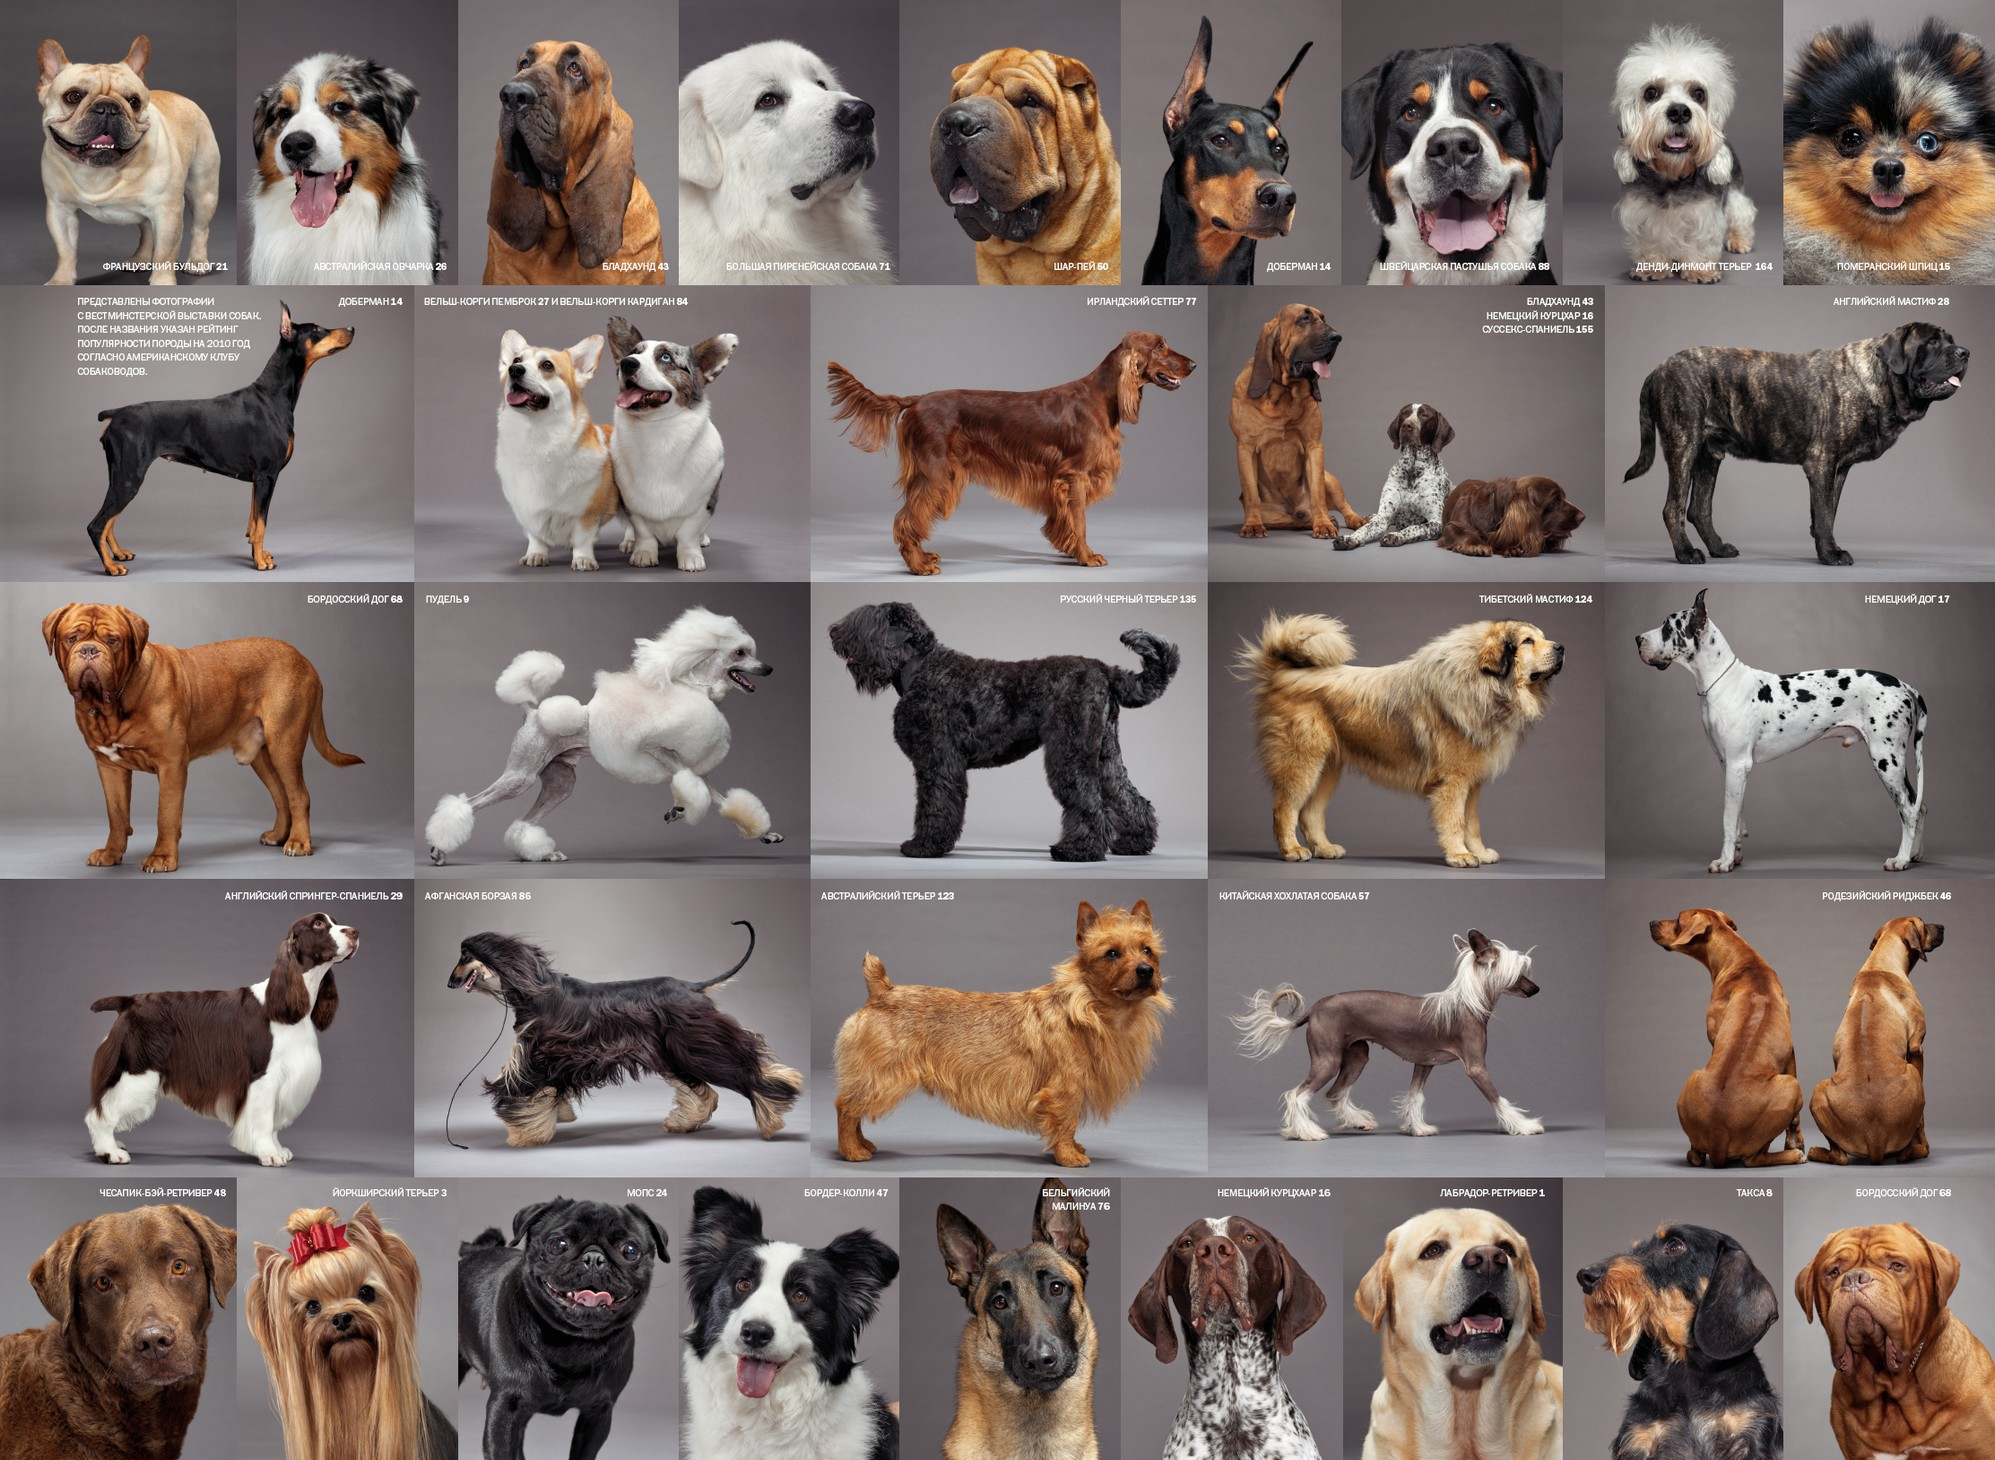 картинки собак разных пород с названиями